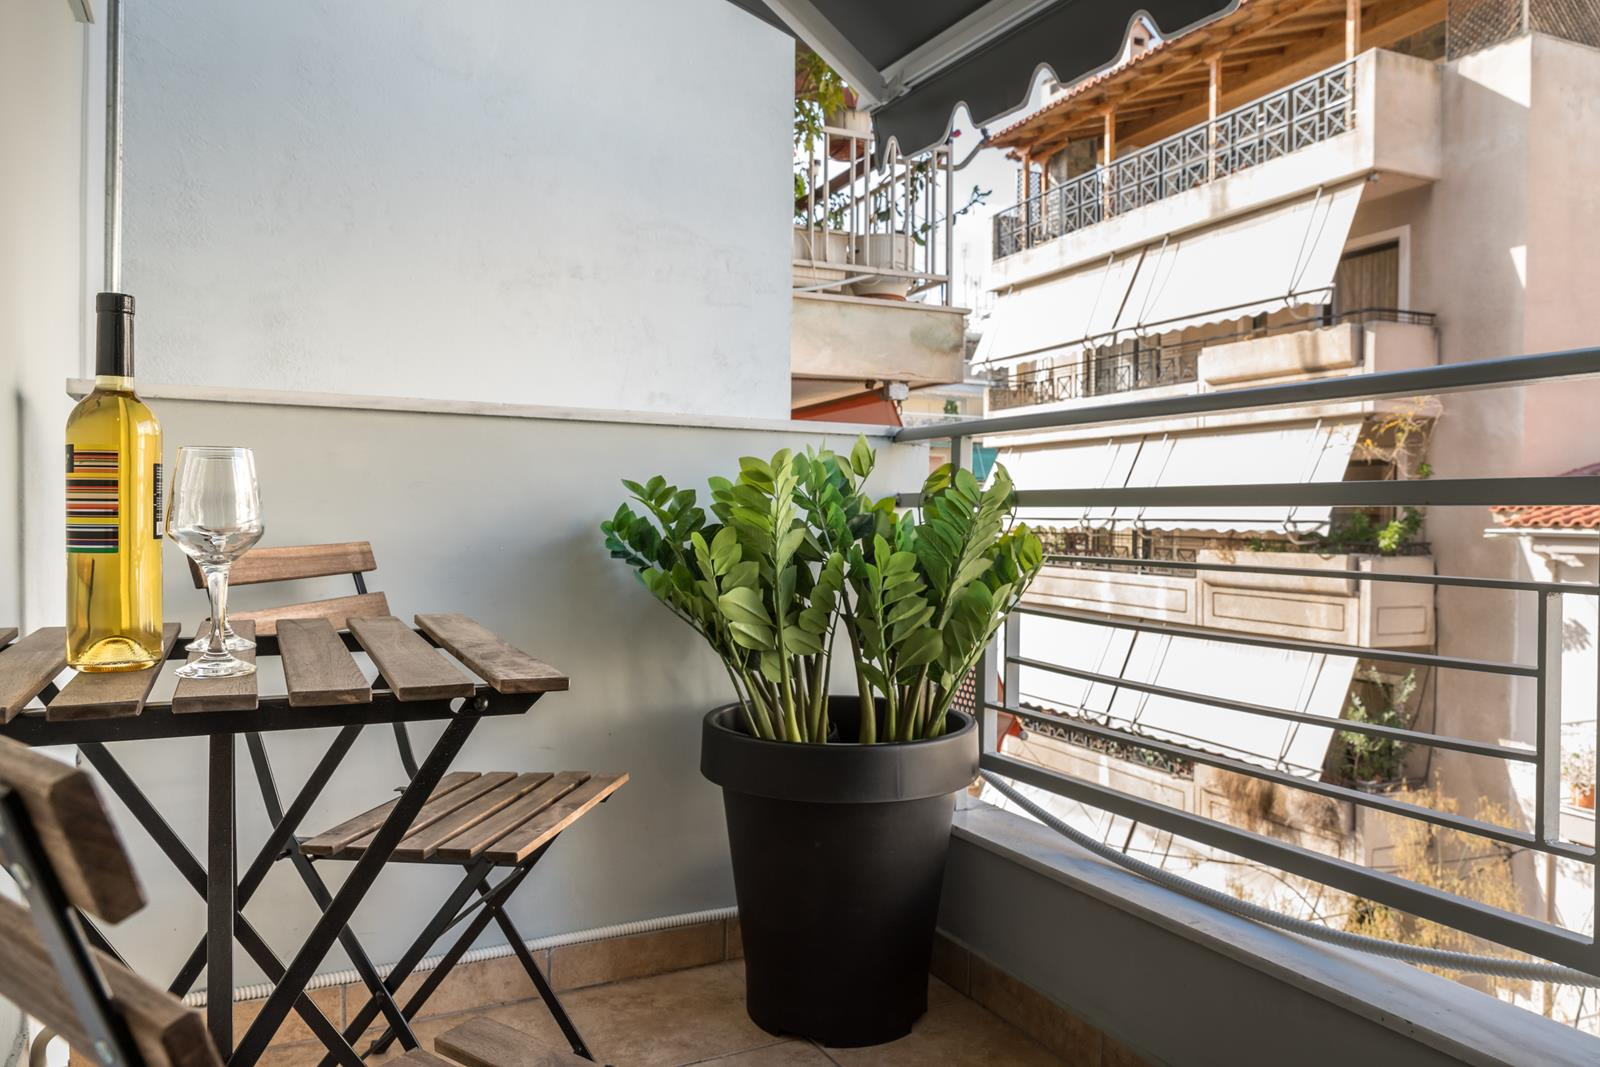 οικονομικη διαμονη αθηνα - Alekos Apartments & Suites